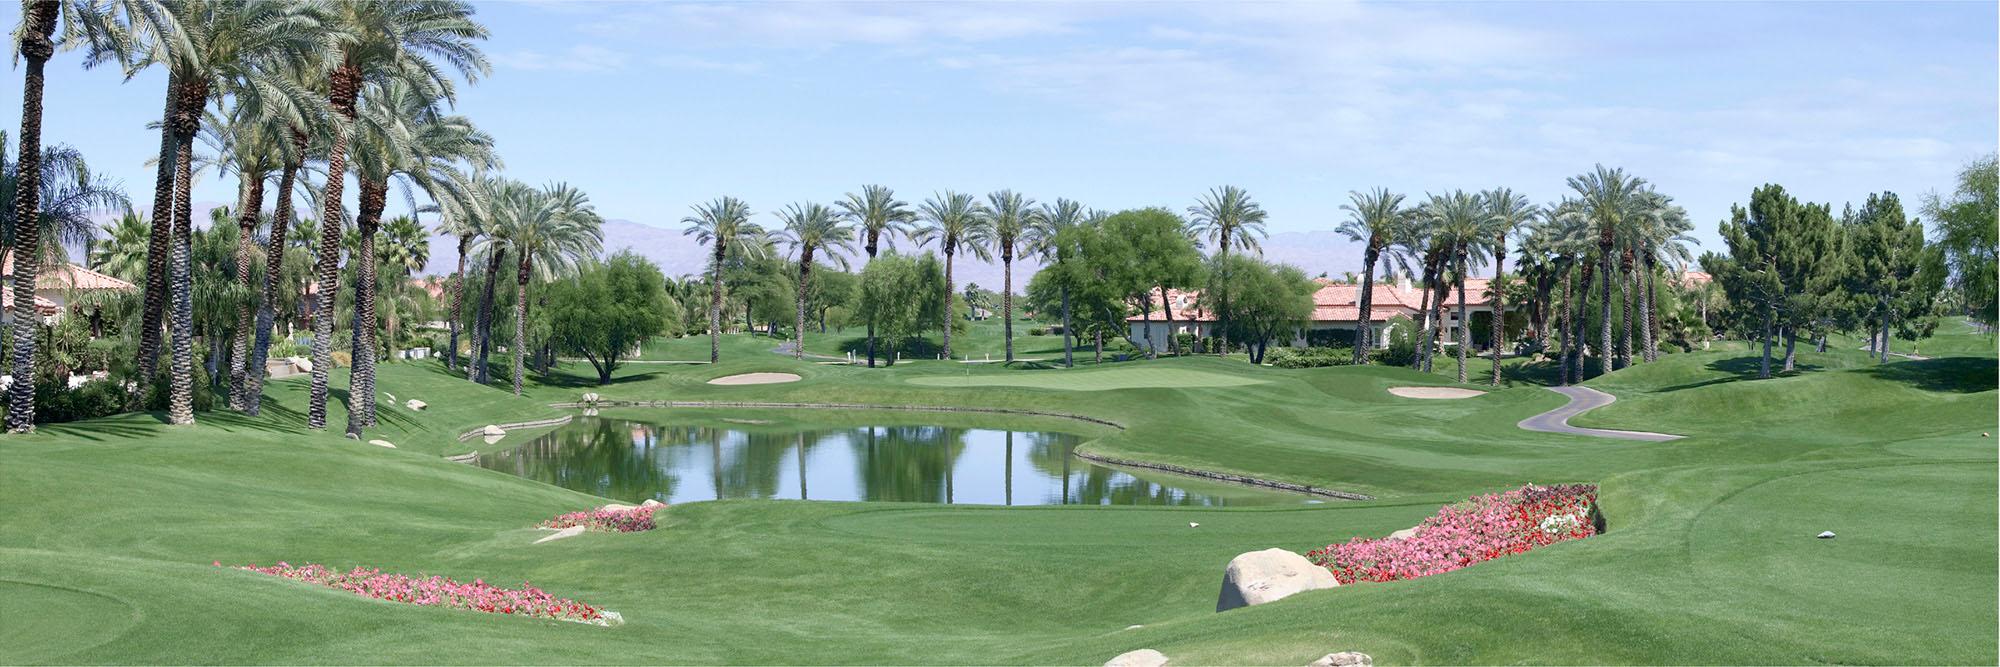 Golf Course Image - Rancho La Quinta Jones No. 17